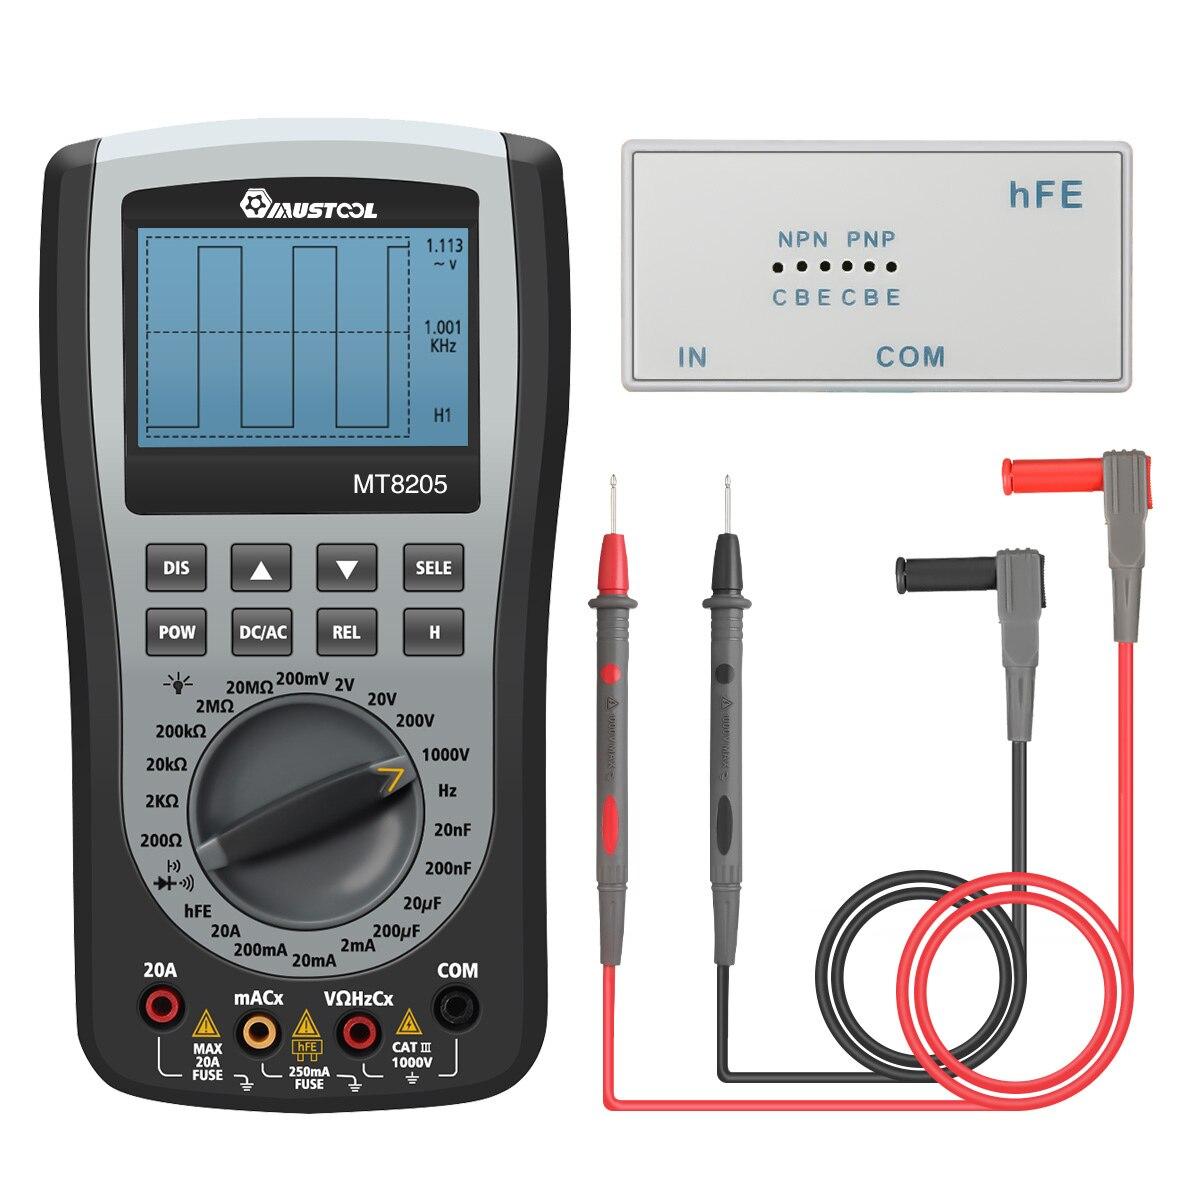 Mutabouret MT8205 2 en 1 numérique Intelligent portable stockage Oscilloscope multimètre AC/DC courant tension résistance Diode testeur